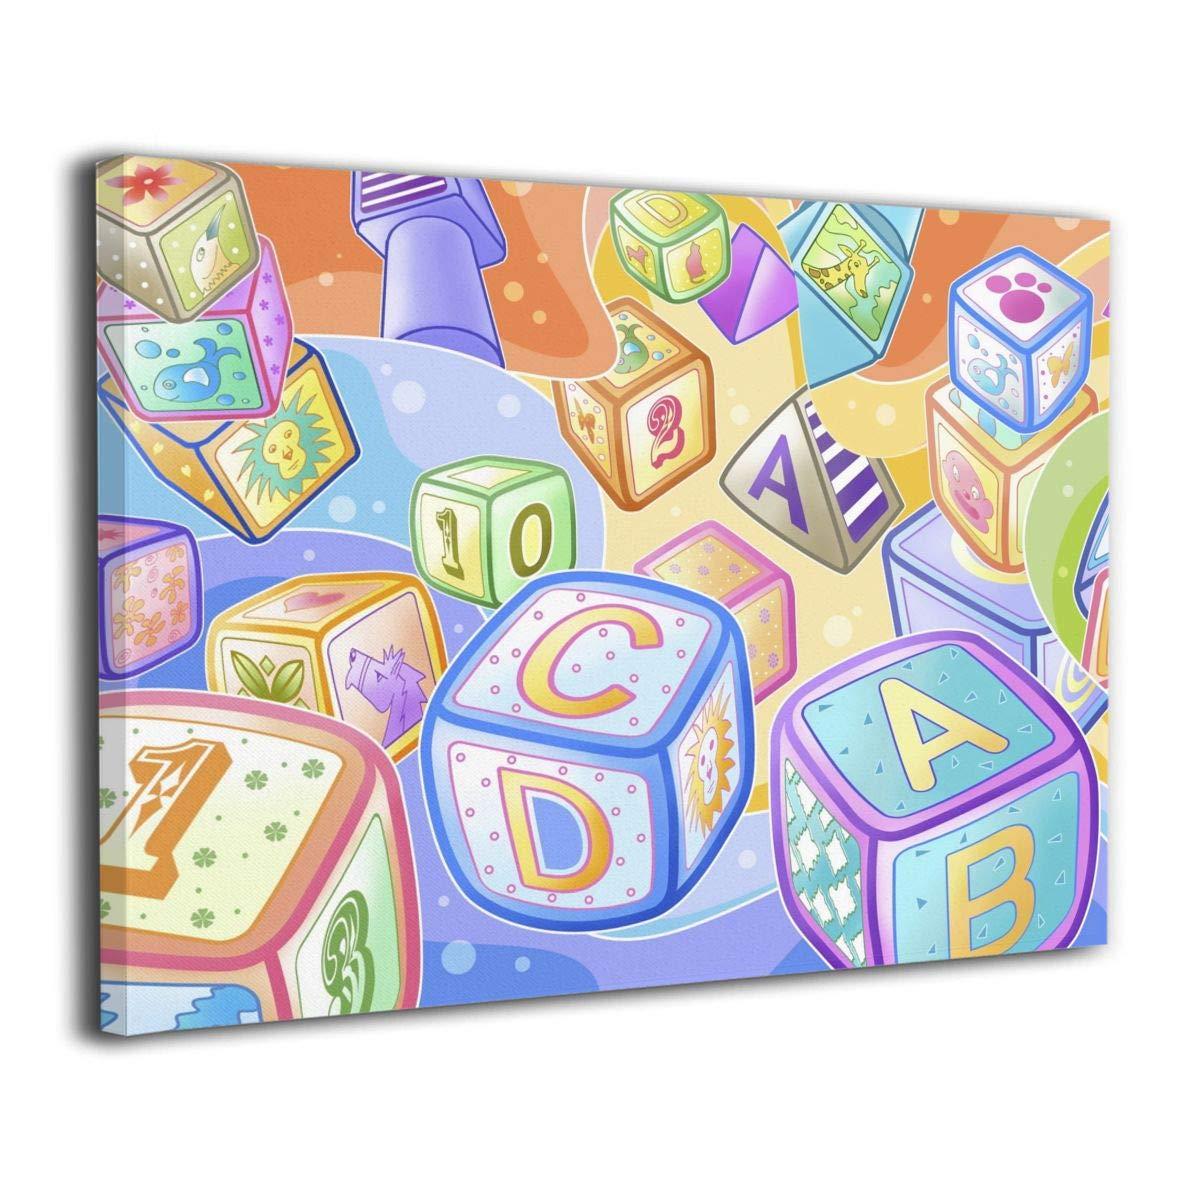 Amazon Com Lqz Paint Kid Letter Dice Canvas Painting Home Decor